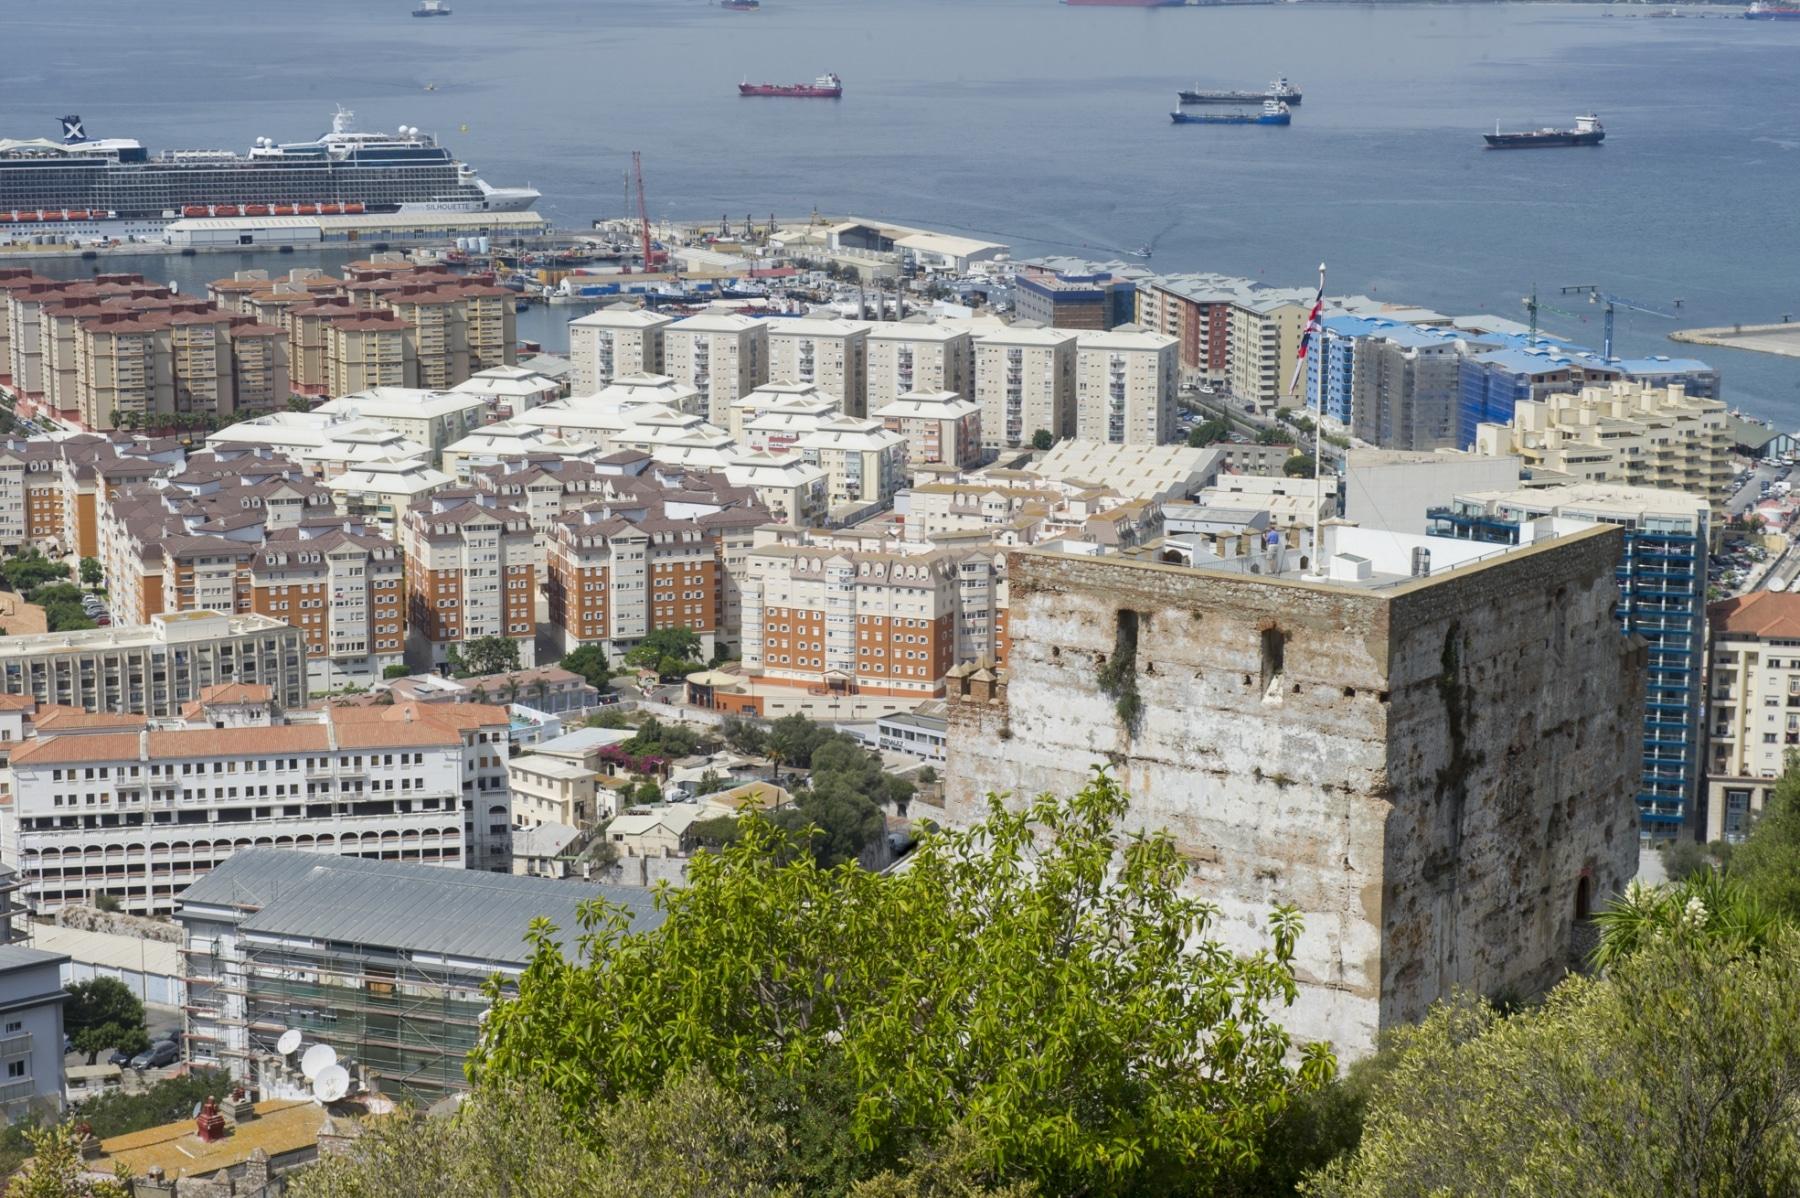 el-castillo-moro-en-la-ladera-del-pen-de-gibraltar_22116965394_o